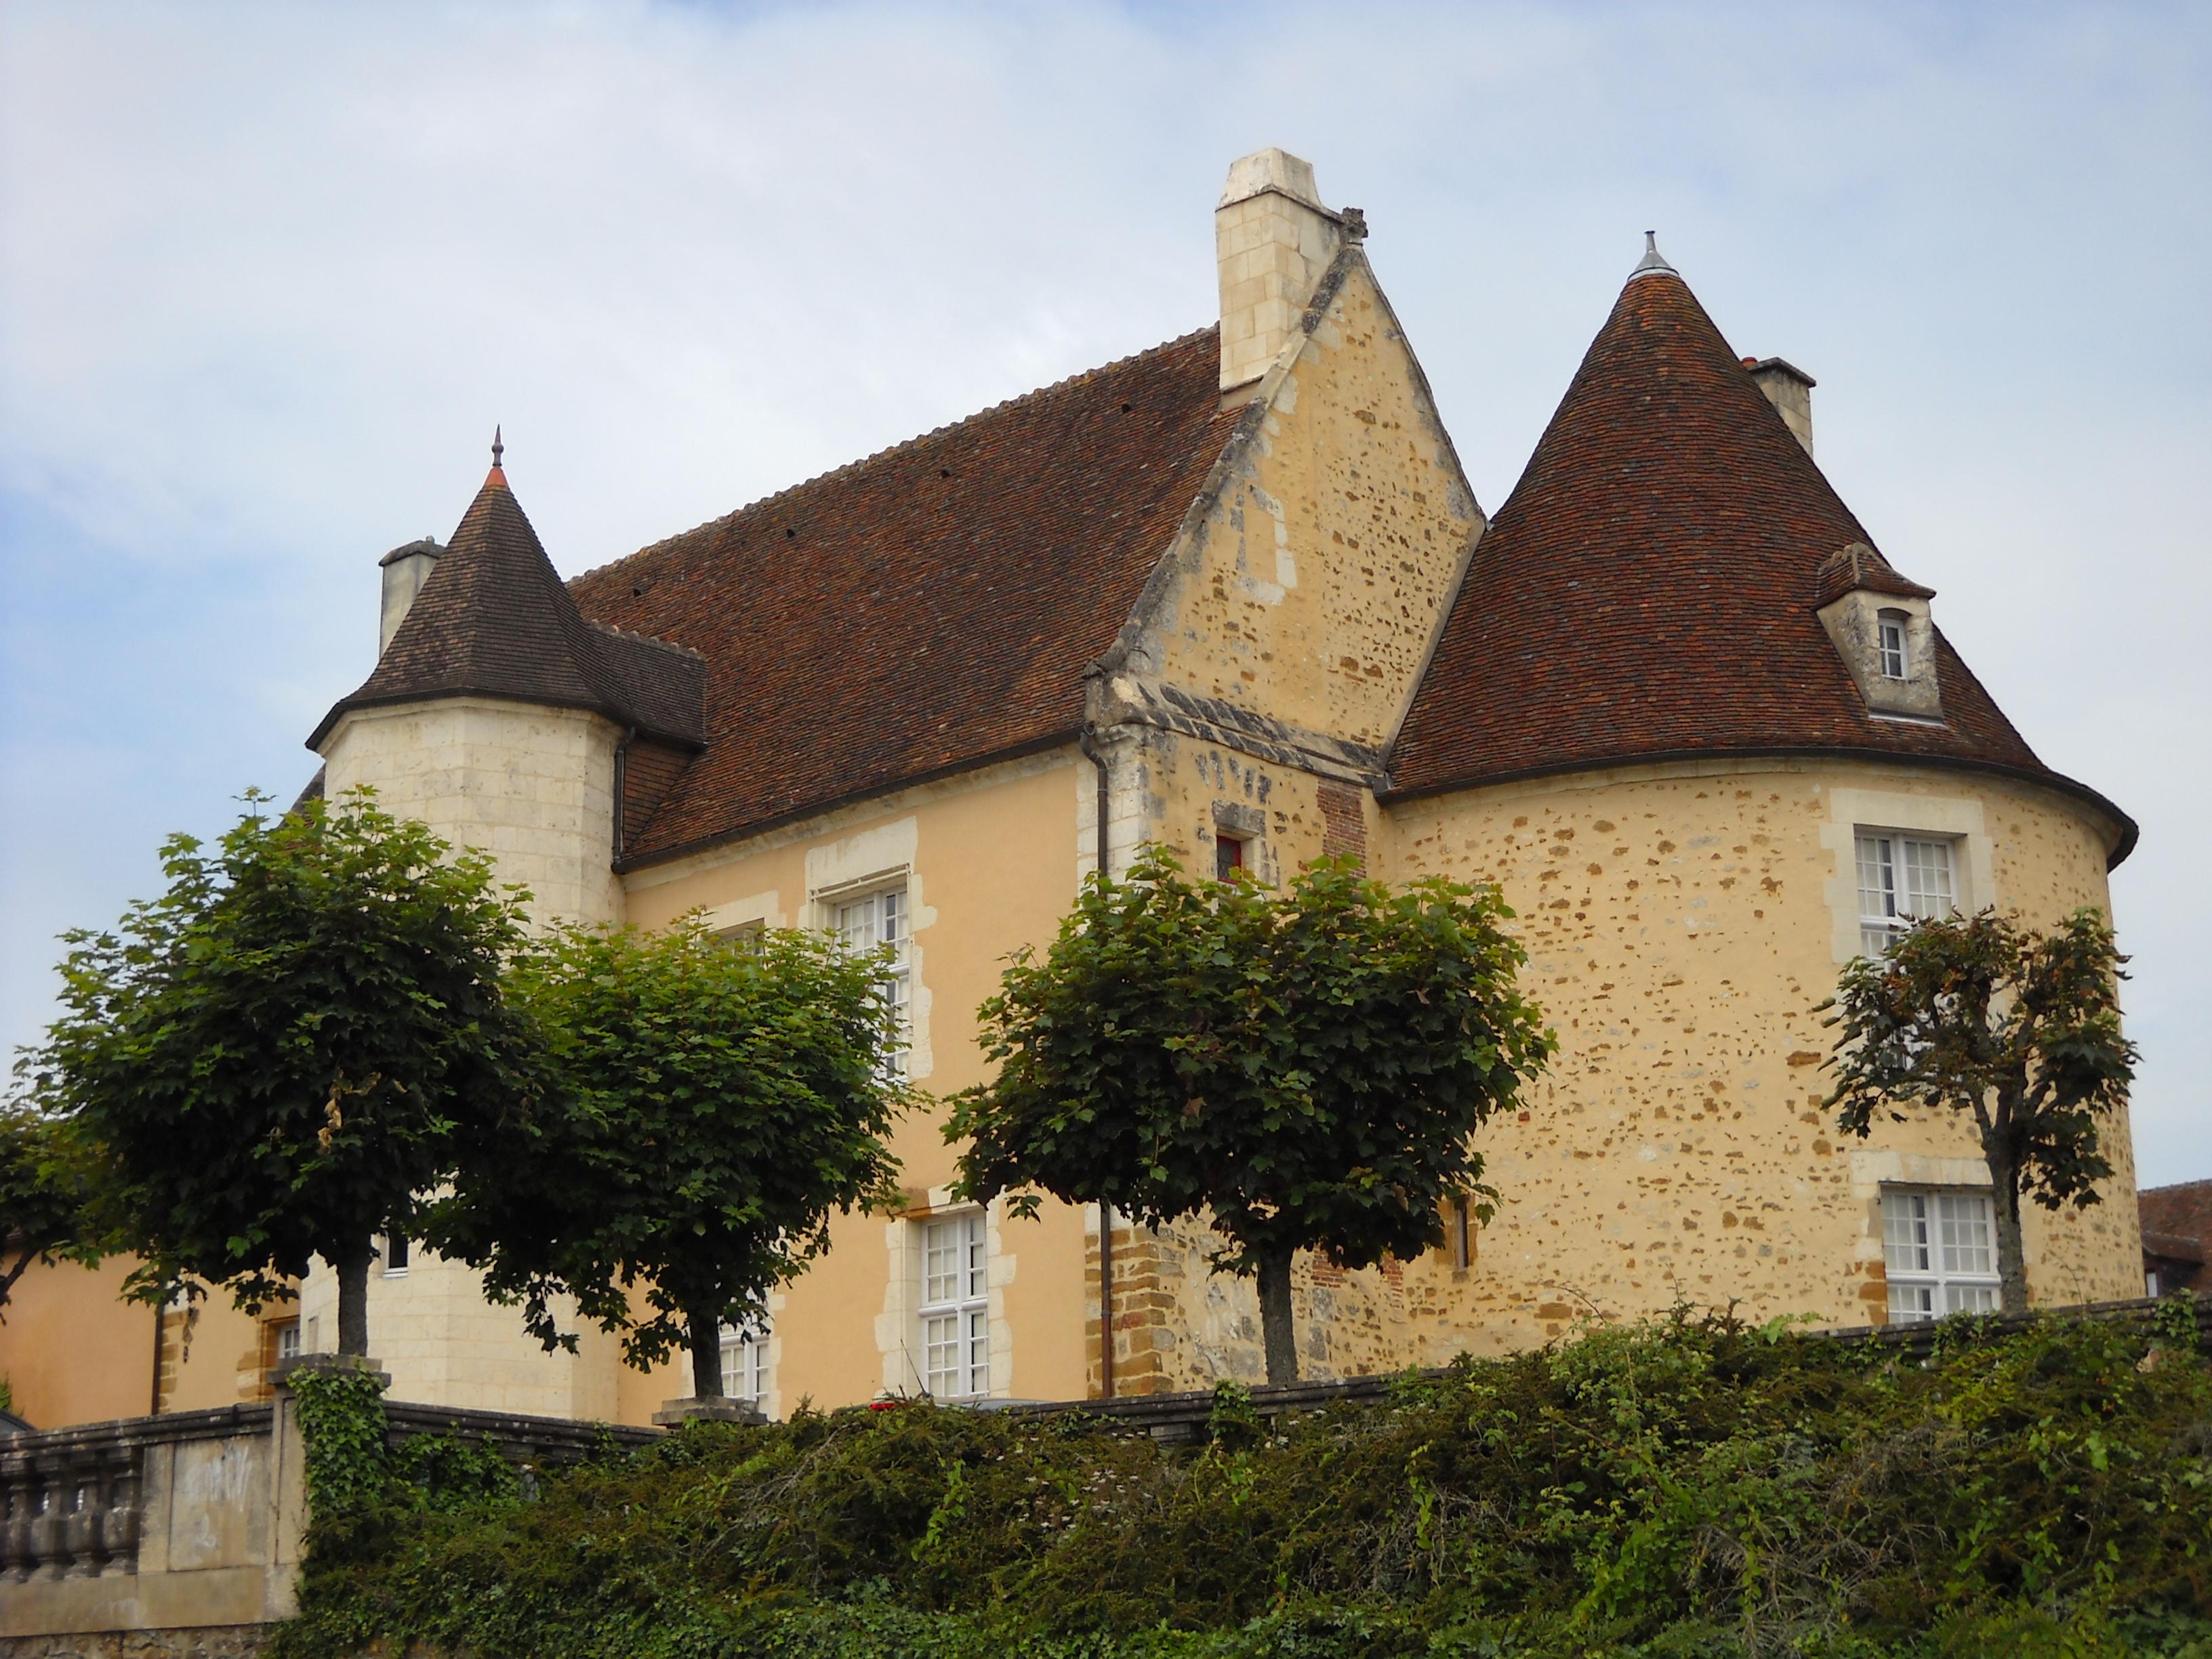 Maisons du perche dans le perche 229 000 u20ac les activits sur place la maison du perche - Les belles maisons du perche ...